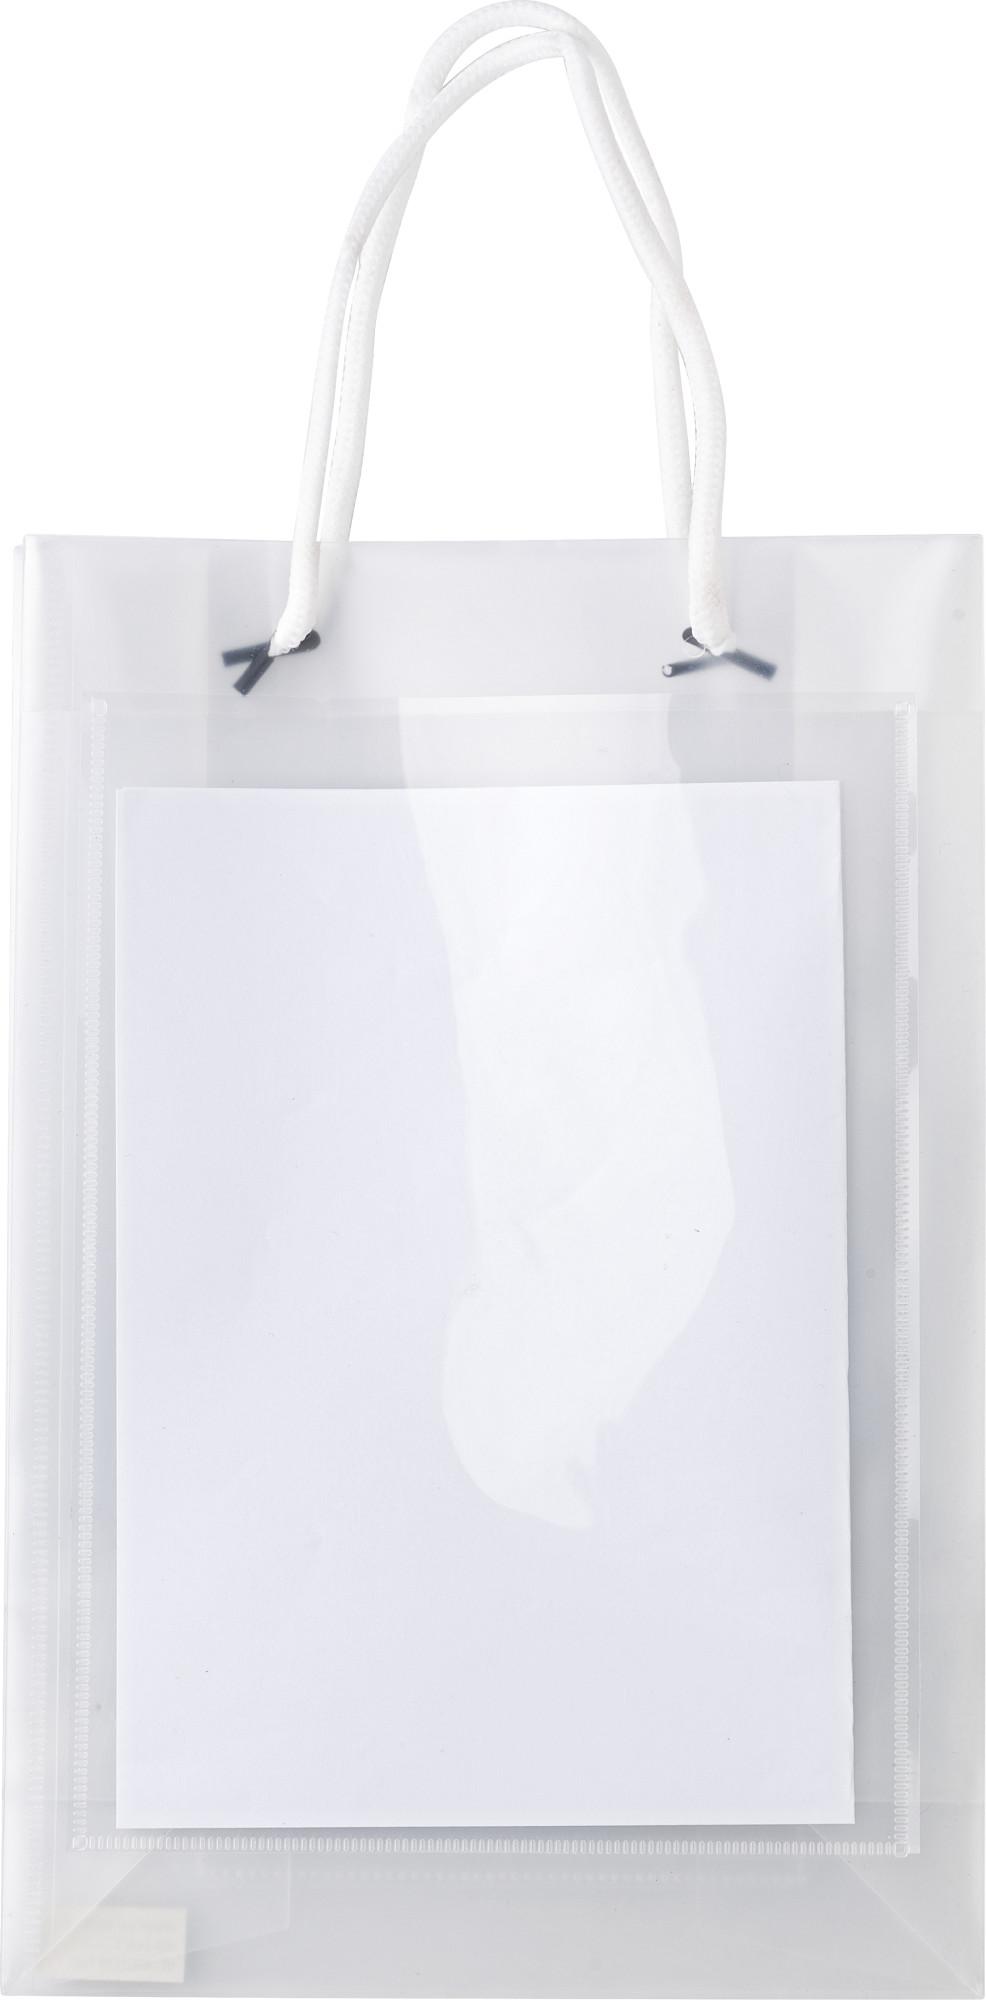 Branded A5 size polypropylene bag